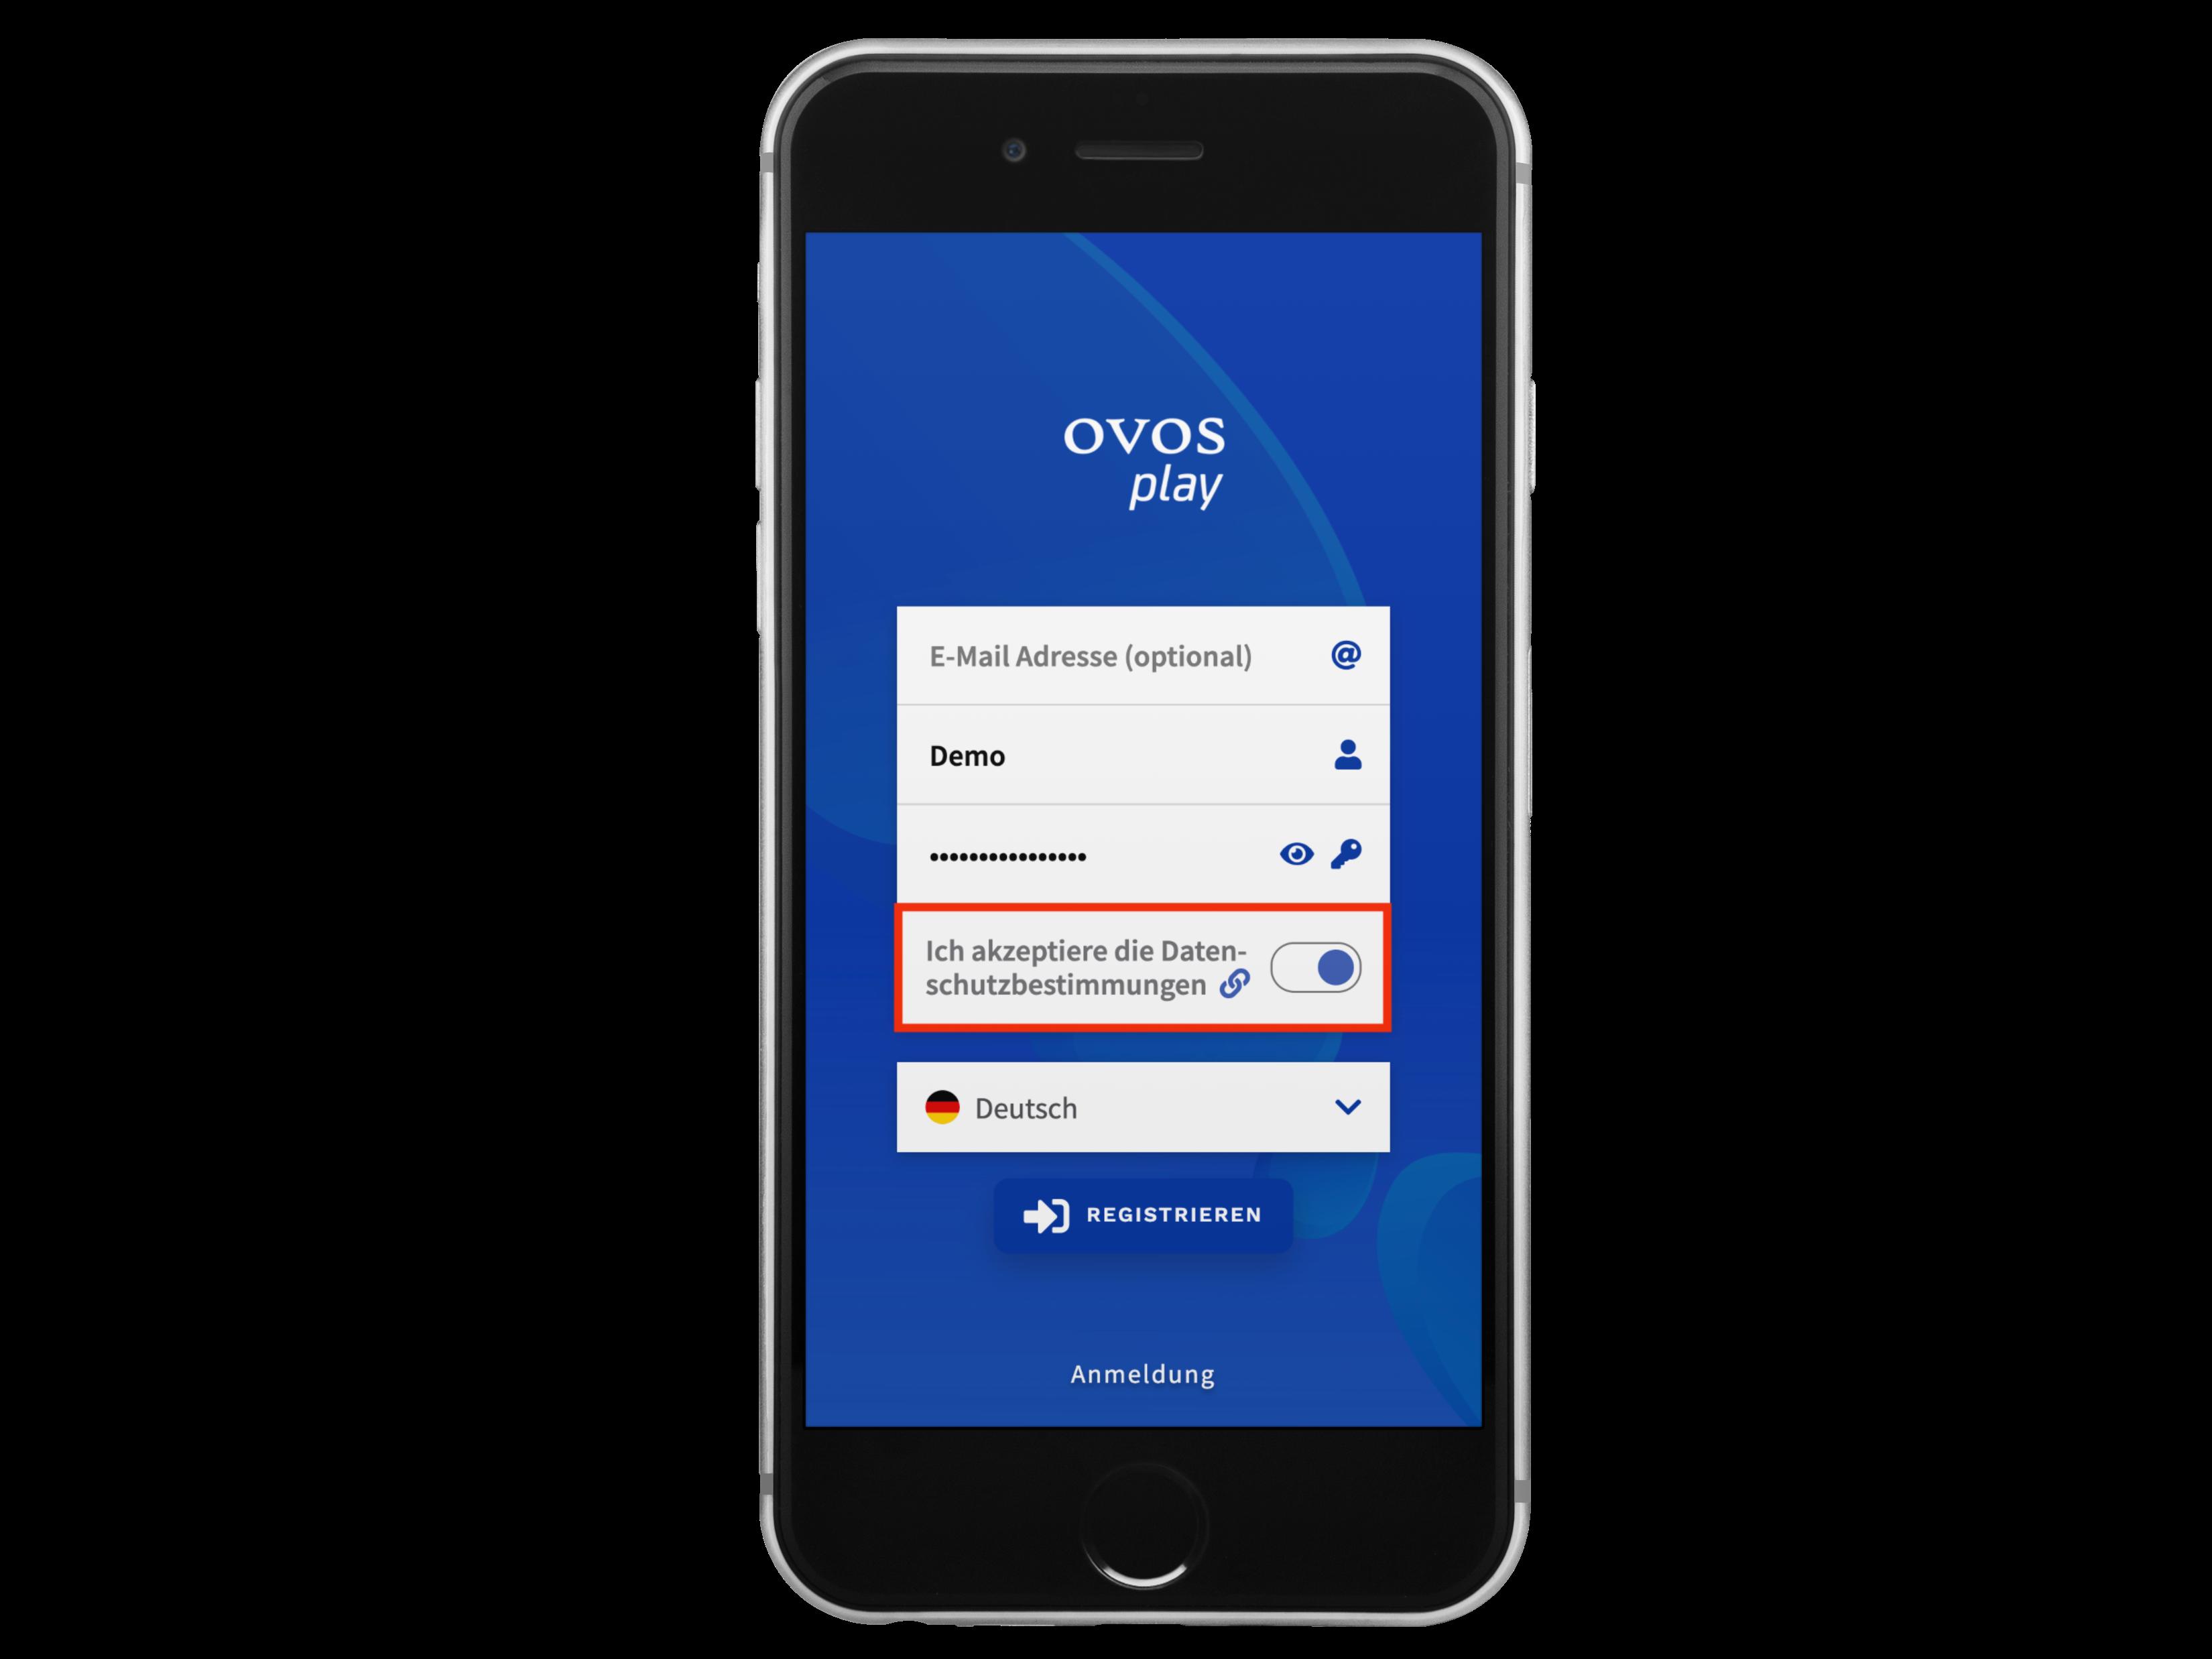 Darstellung der Vereinbarungs-Seiten auf der Registrierungs-Seite der App.